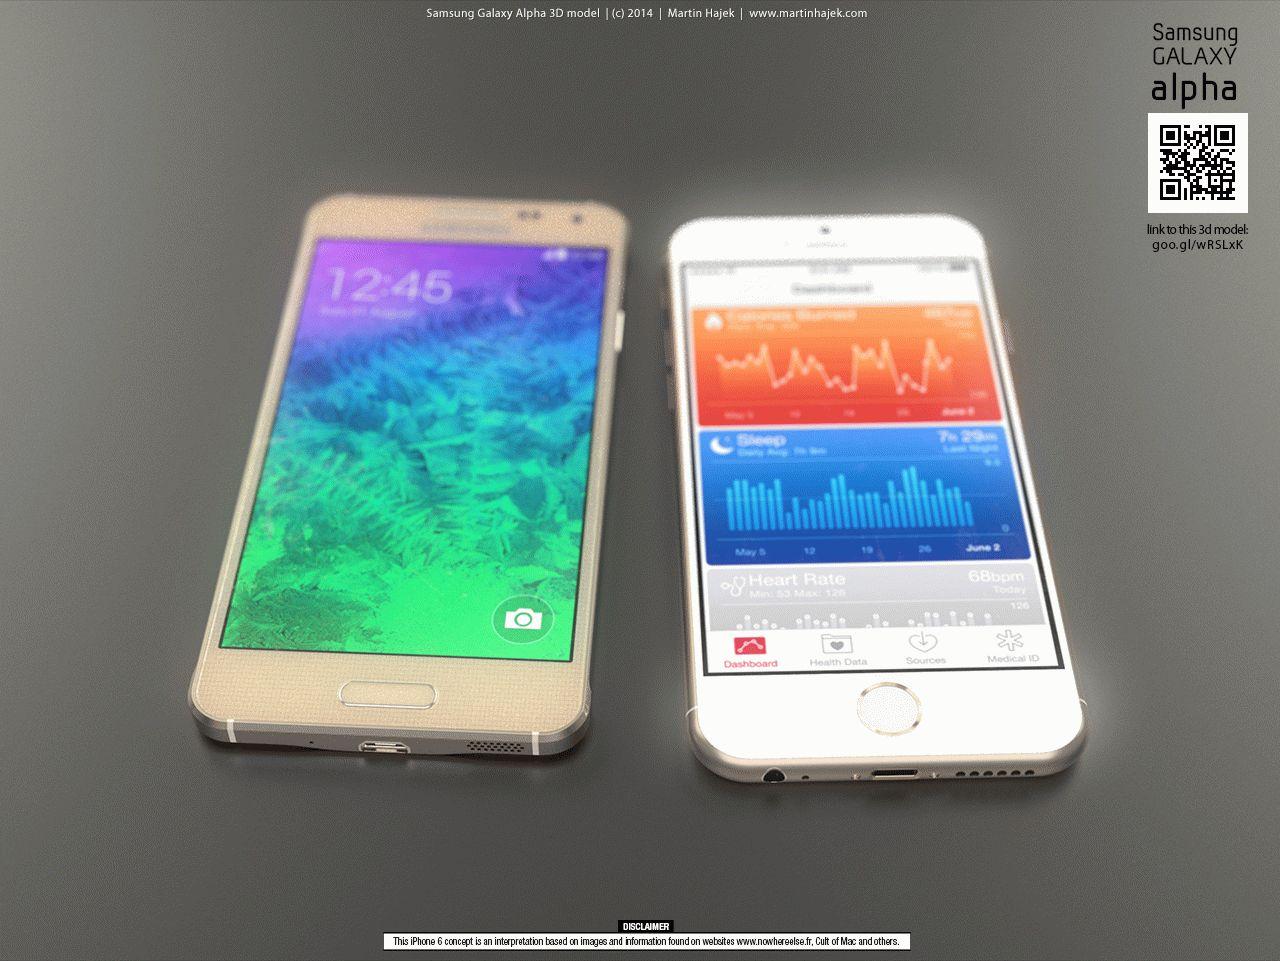 kak-daleko-samsung-zashla-v-kopirovanii-apple-galaxy-alpha-protiv-iphone